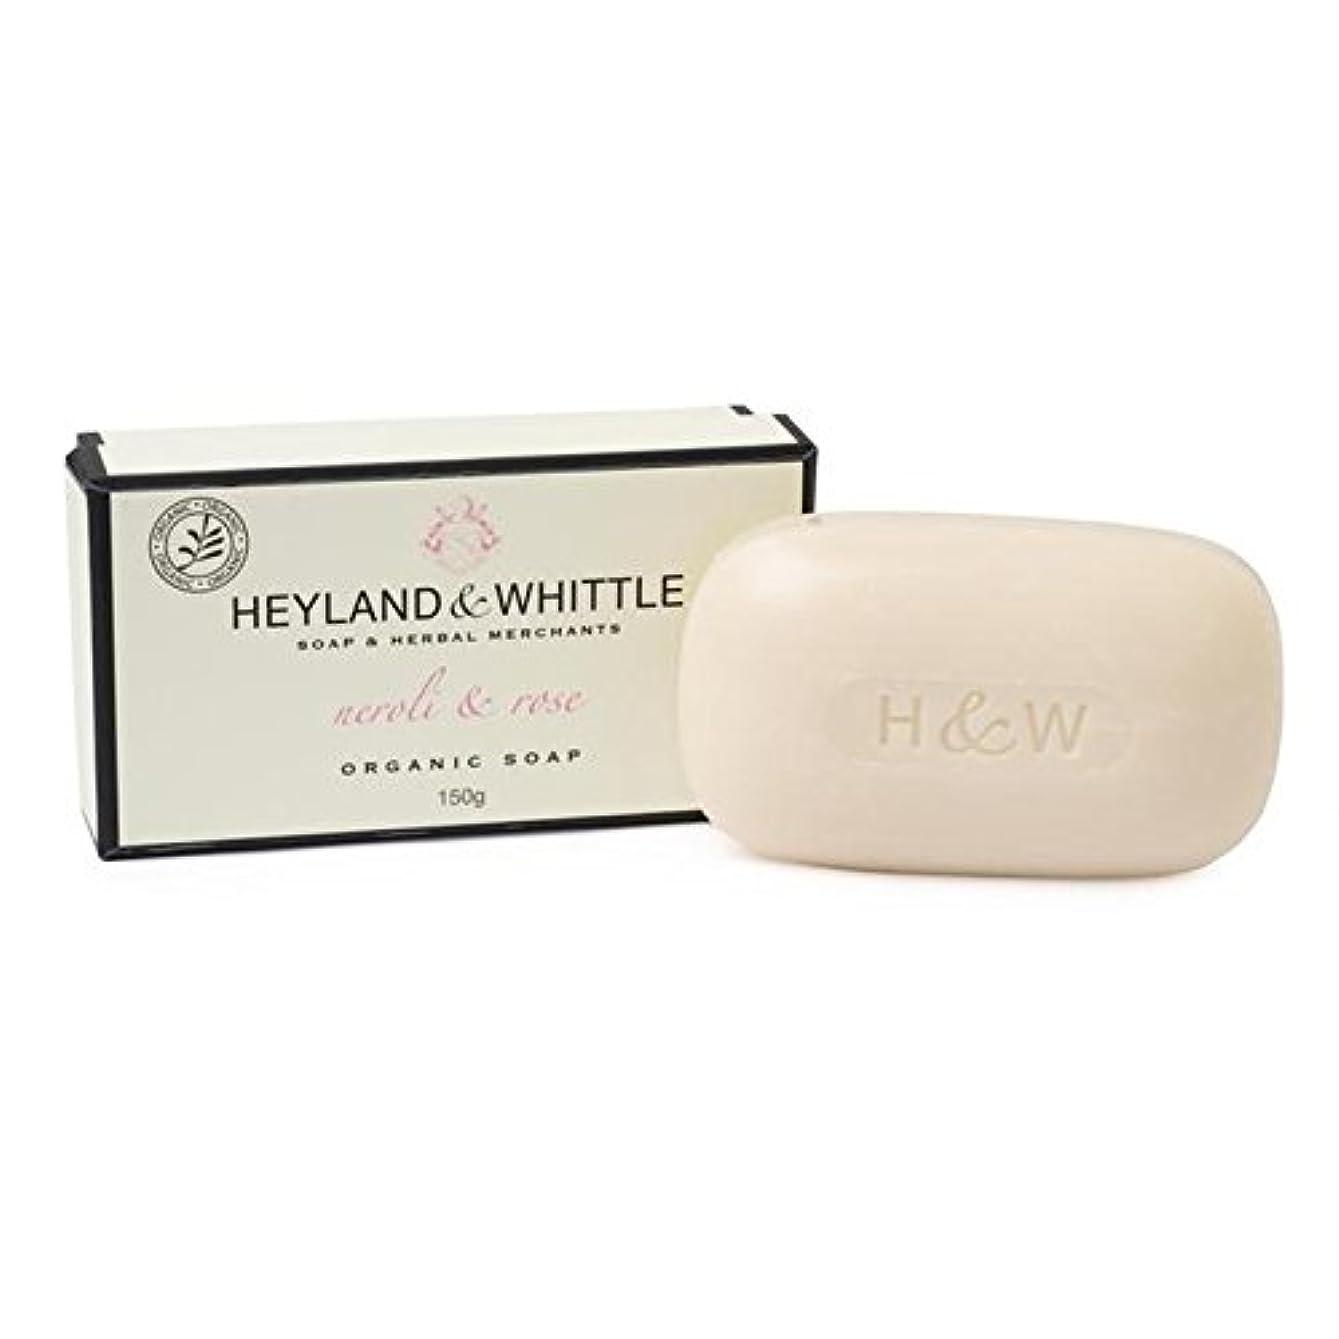 影響する密要件Heyland & Whittle Organic Neroli & Rose Soap Bar 150g (Pack of 6) - &削る有機ネロリ&ソープバー150グラムをバラ x6 [並行輸入品]